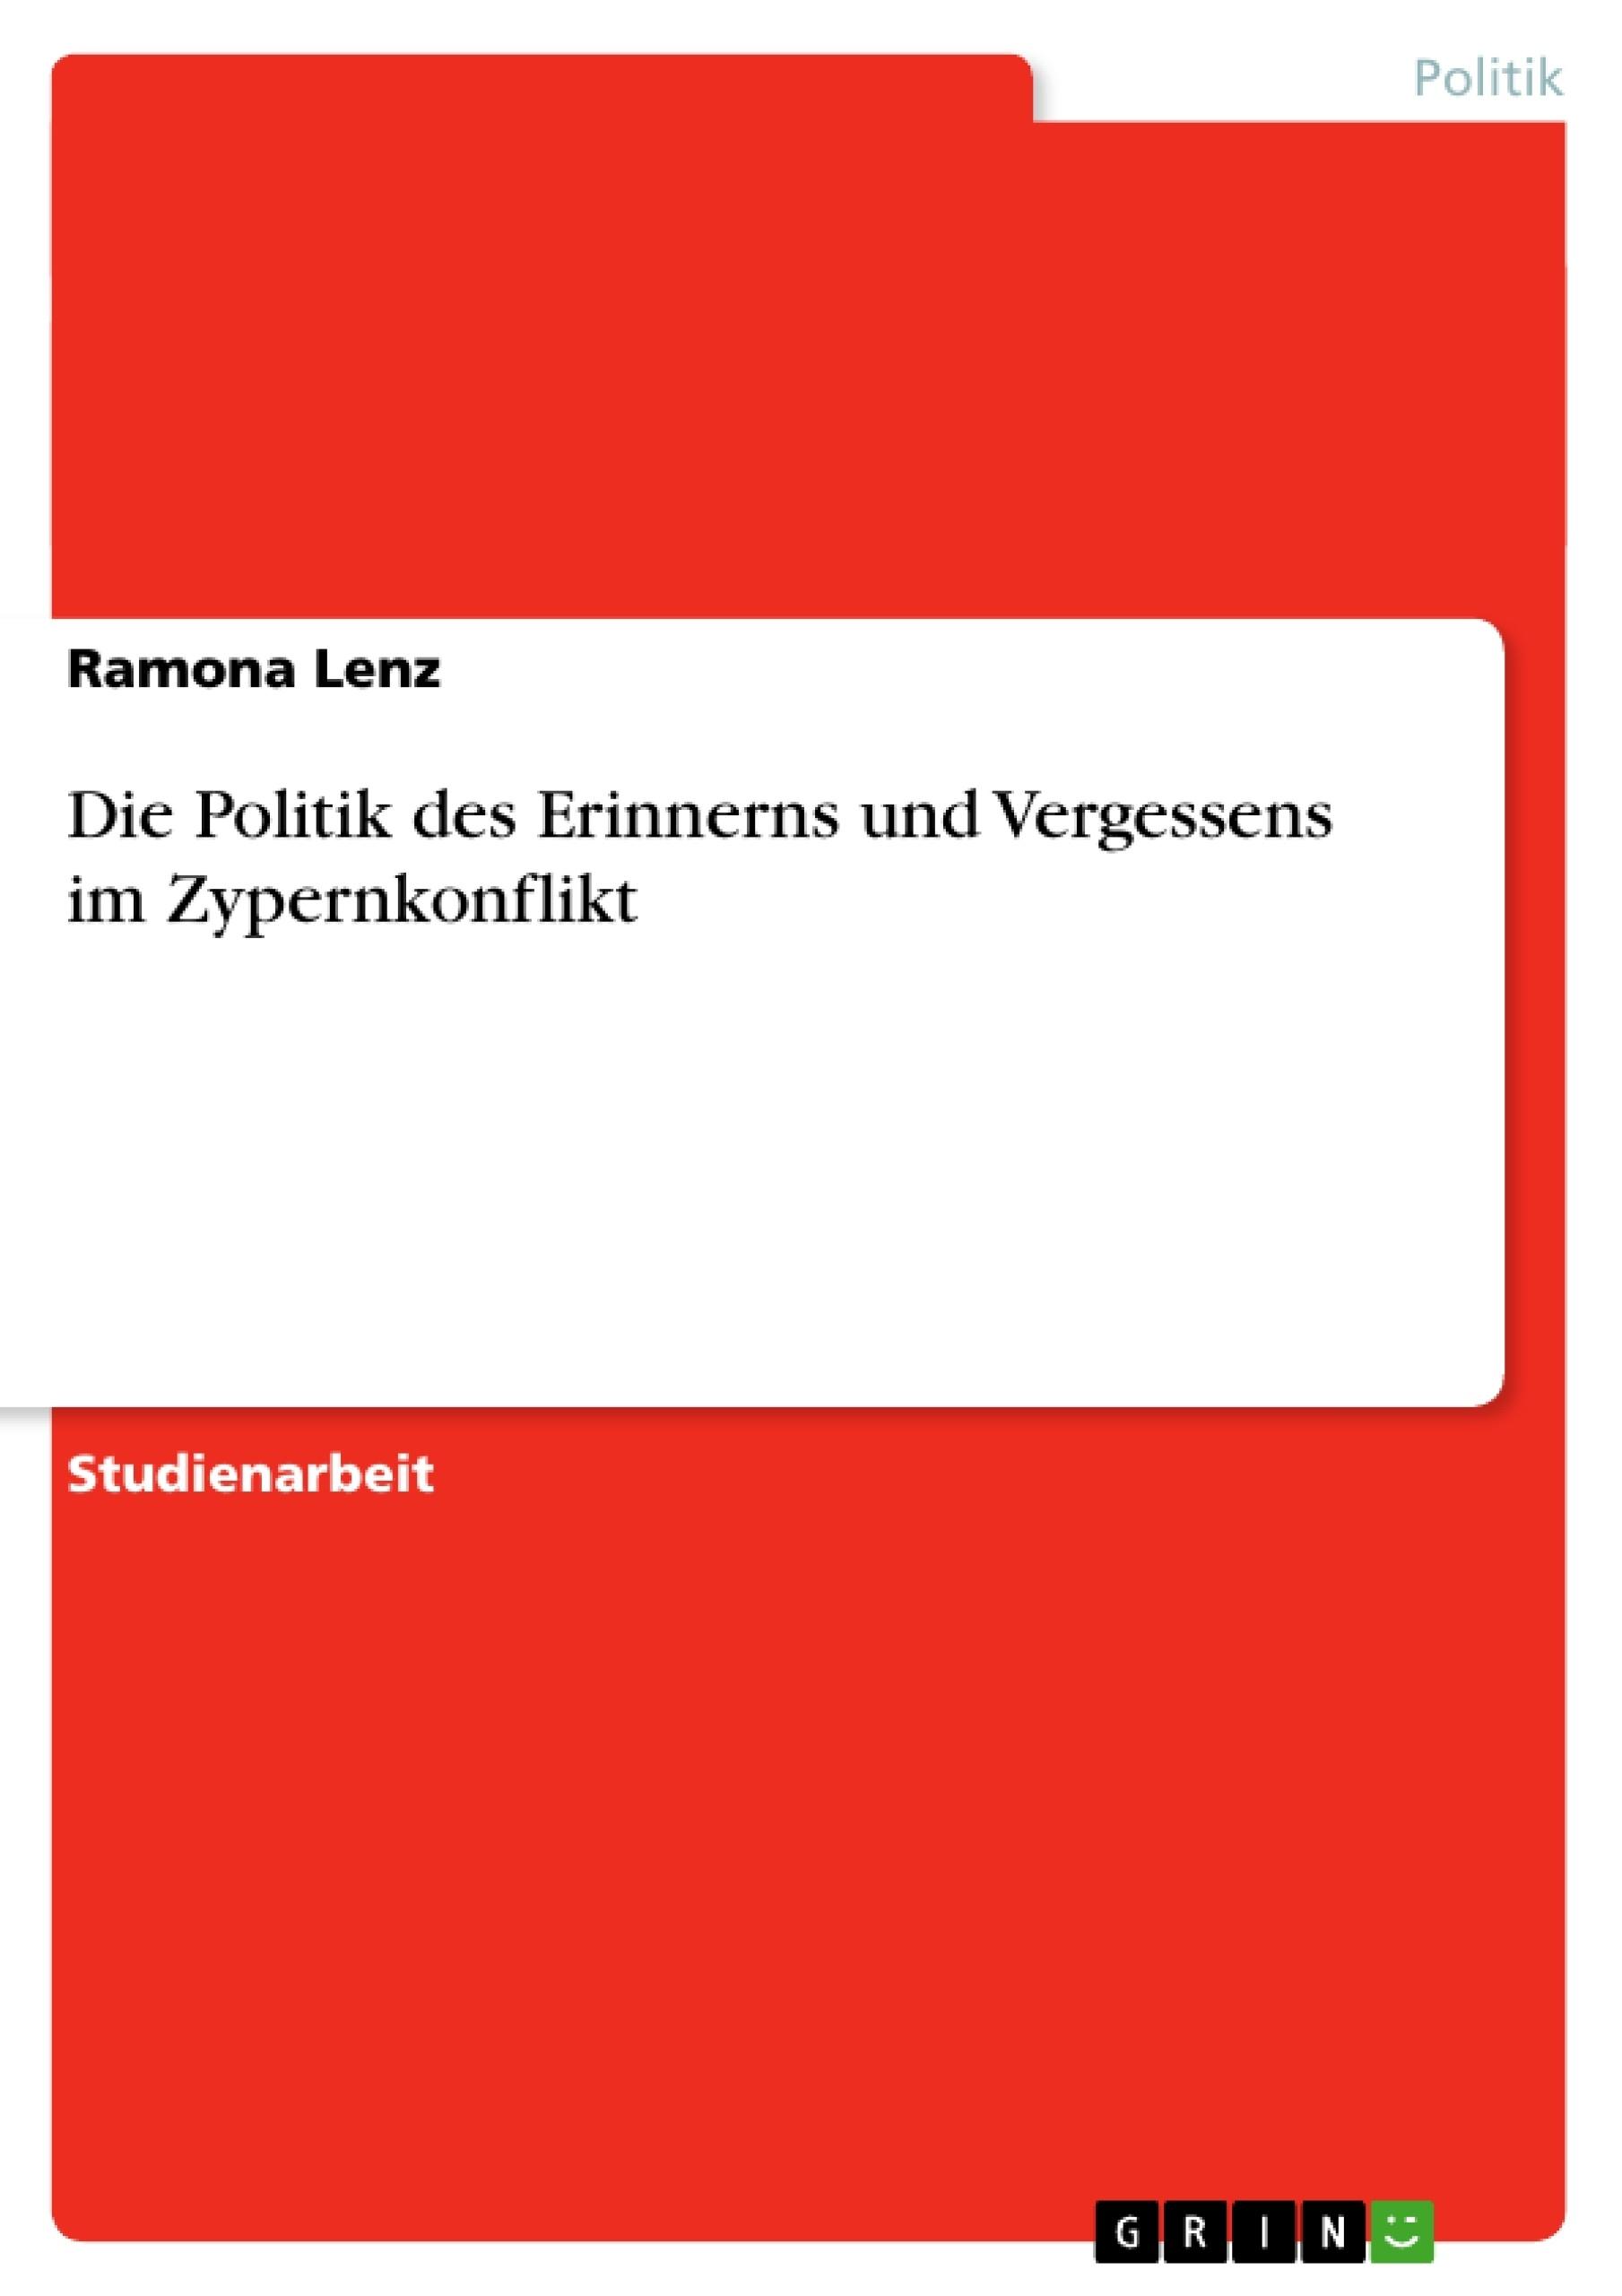 Titel: Die Politik des Erinnerns und Vergessens im Zypernkonflikt